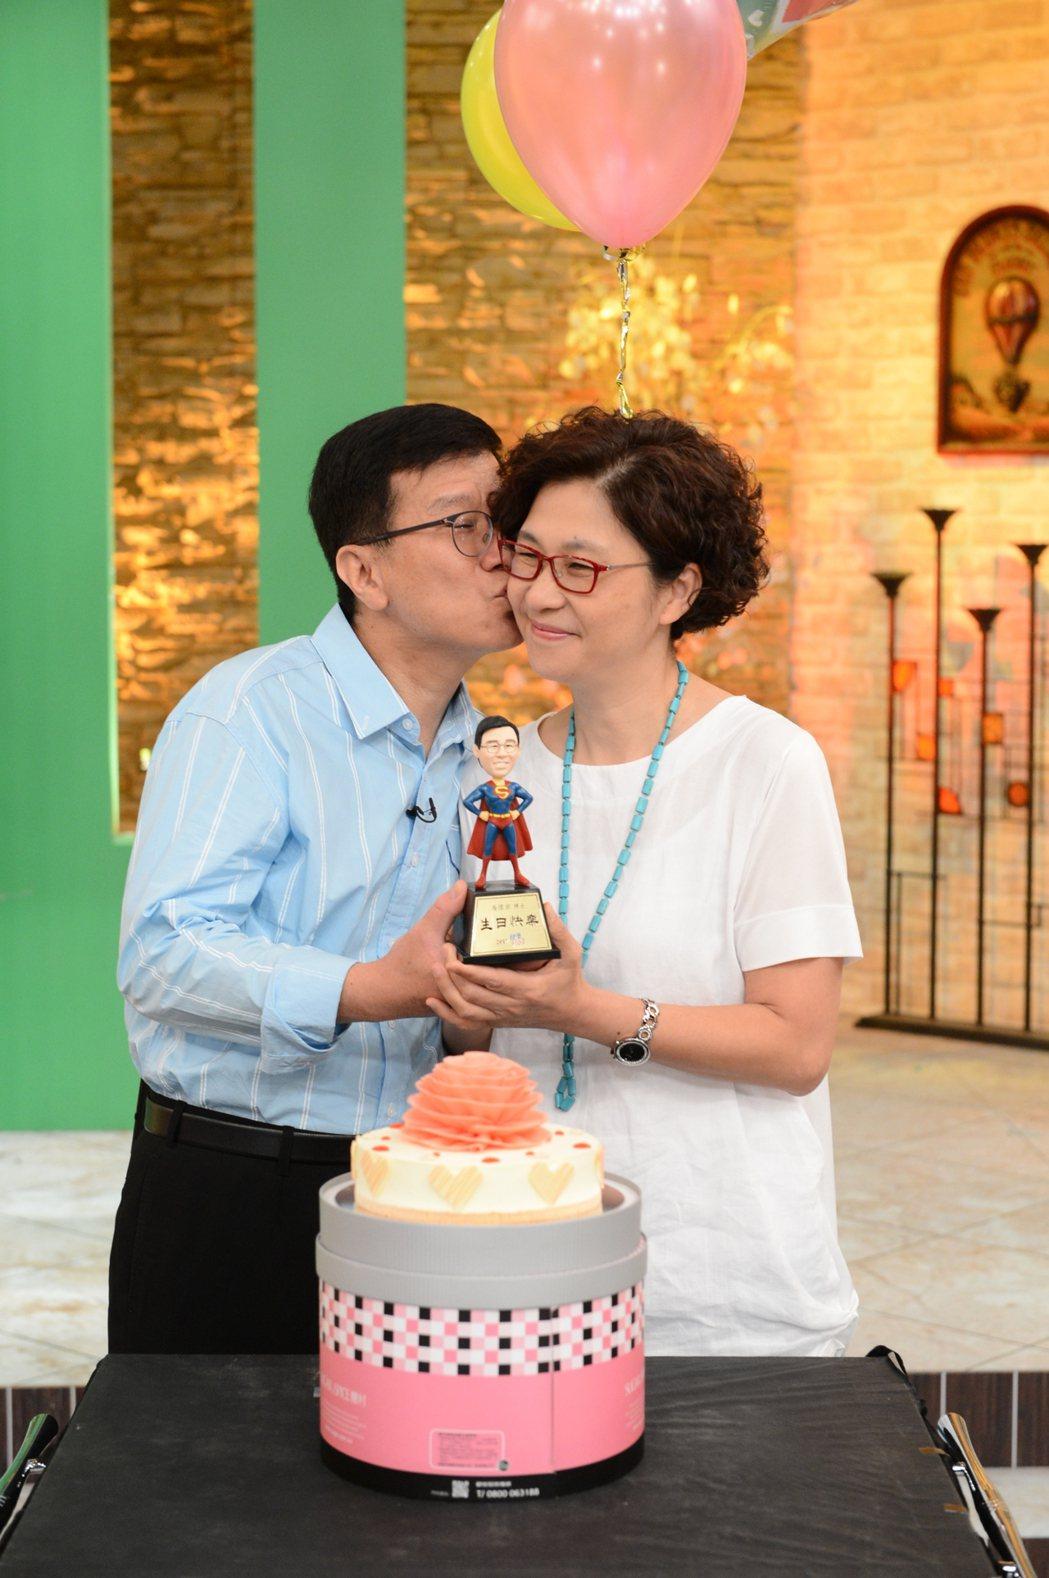 潘懷宗回吻老婆。圖/八大電視台提供